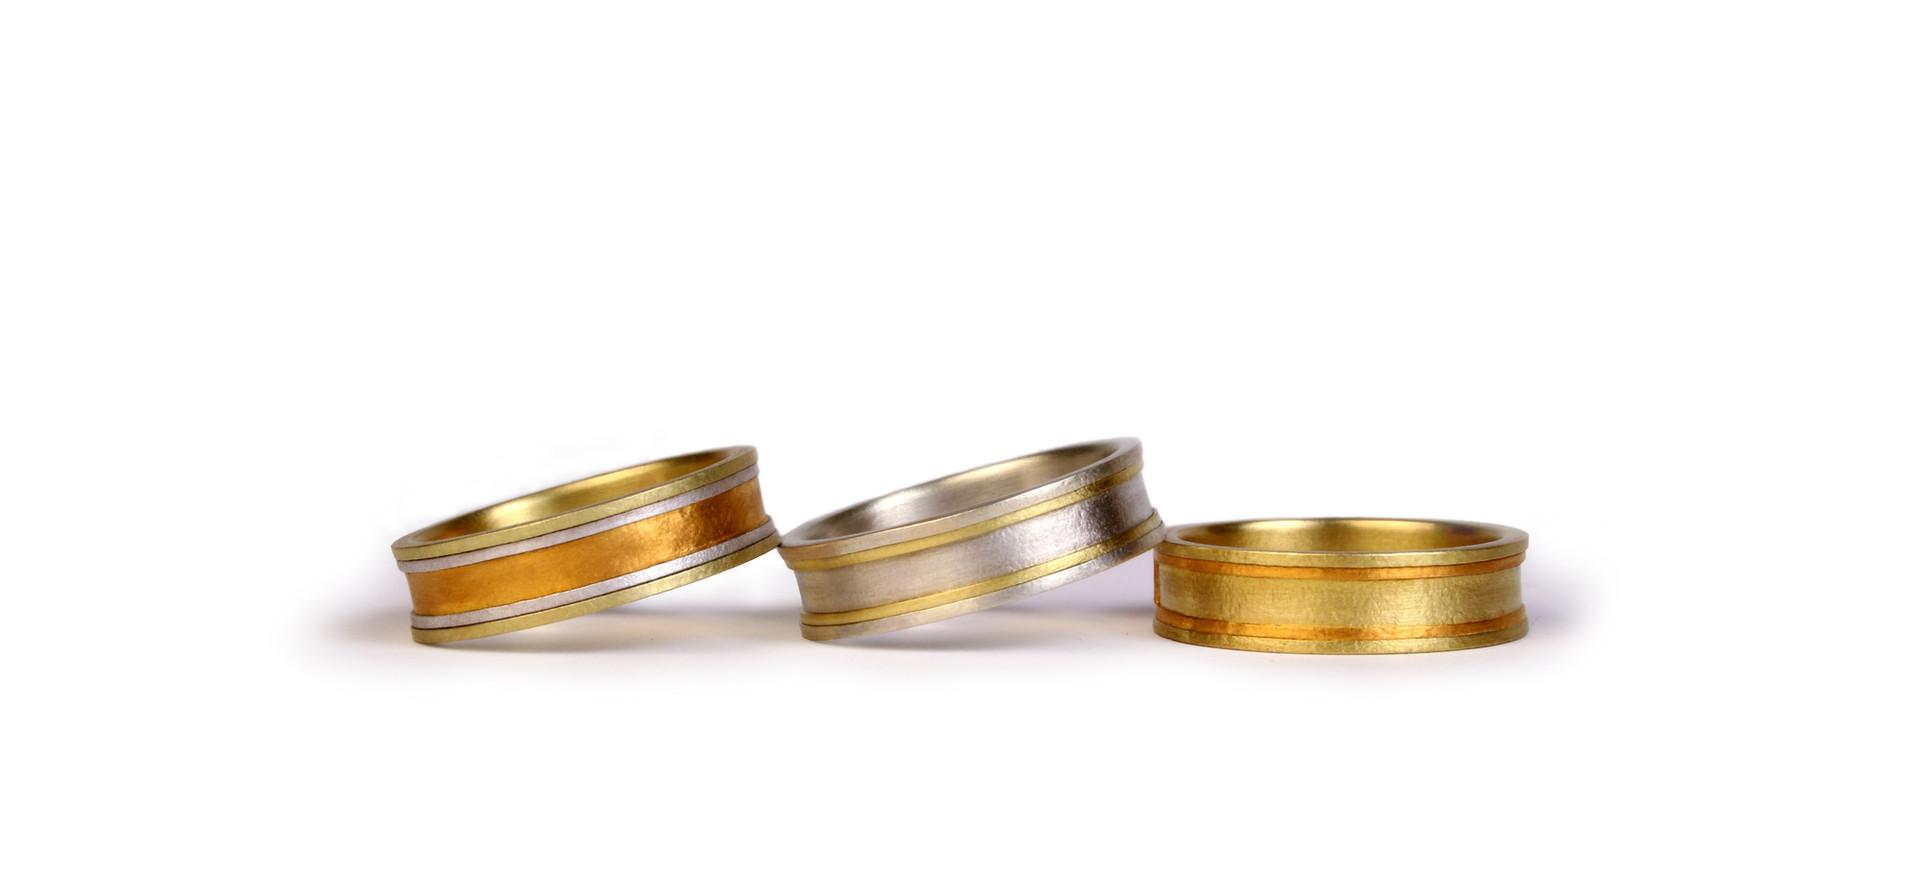 Cloisonné rings